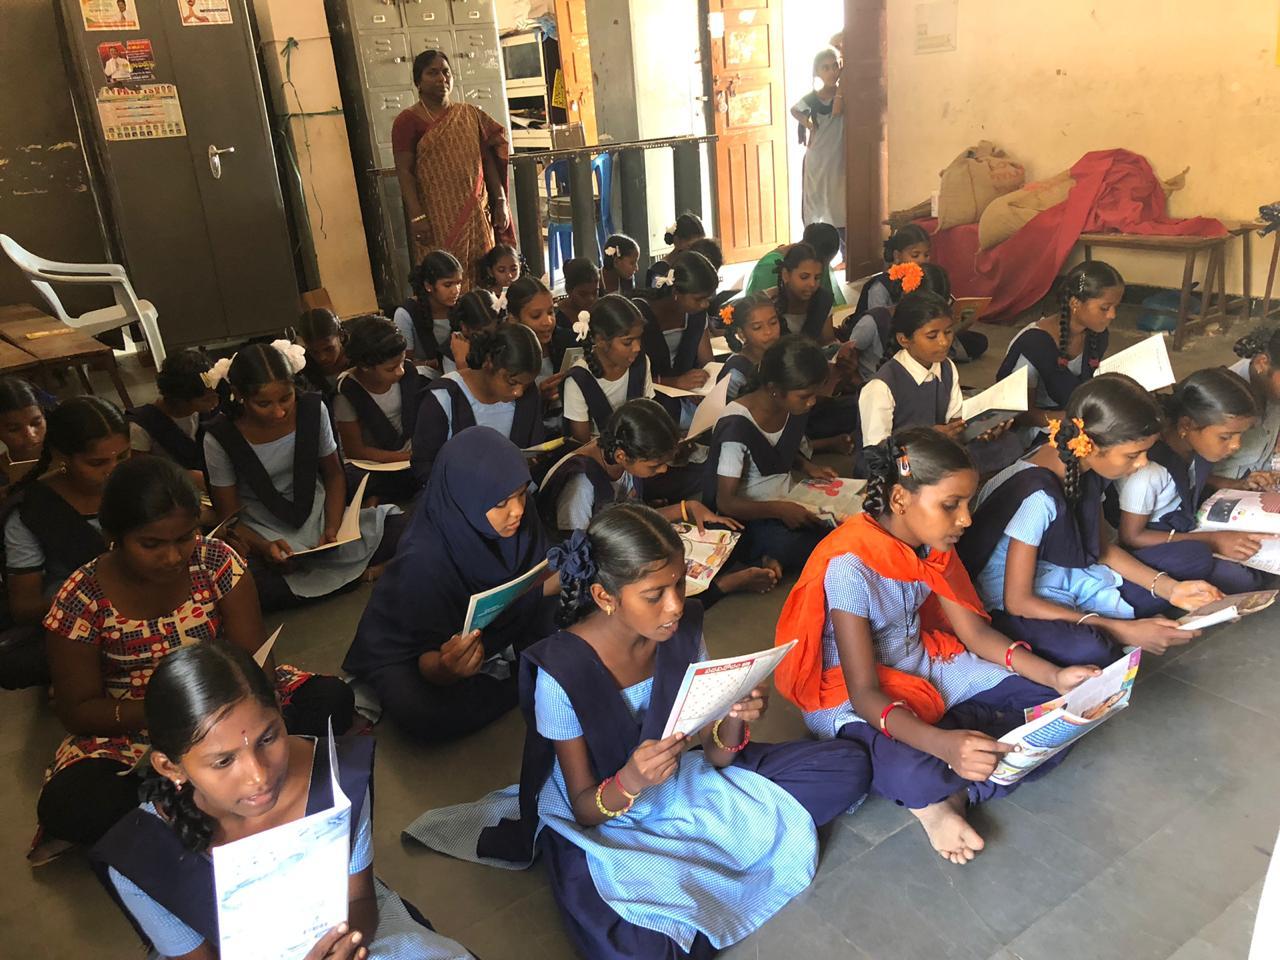 2020-07-05-BasicResearchEducationAndDevelopment(BREAD)Society_SponsorlibrarybooksforgovernmentschoolsinAndhraPradesh_2.jpg